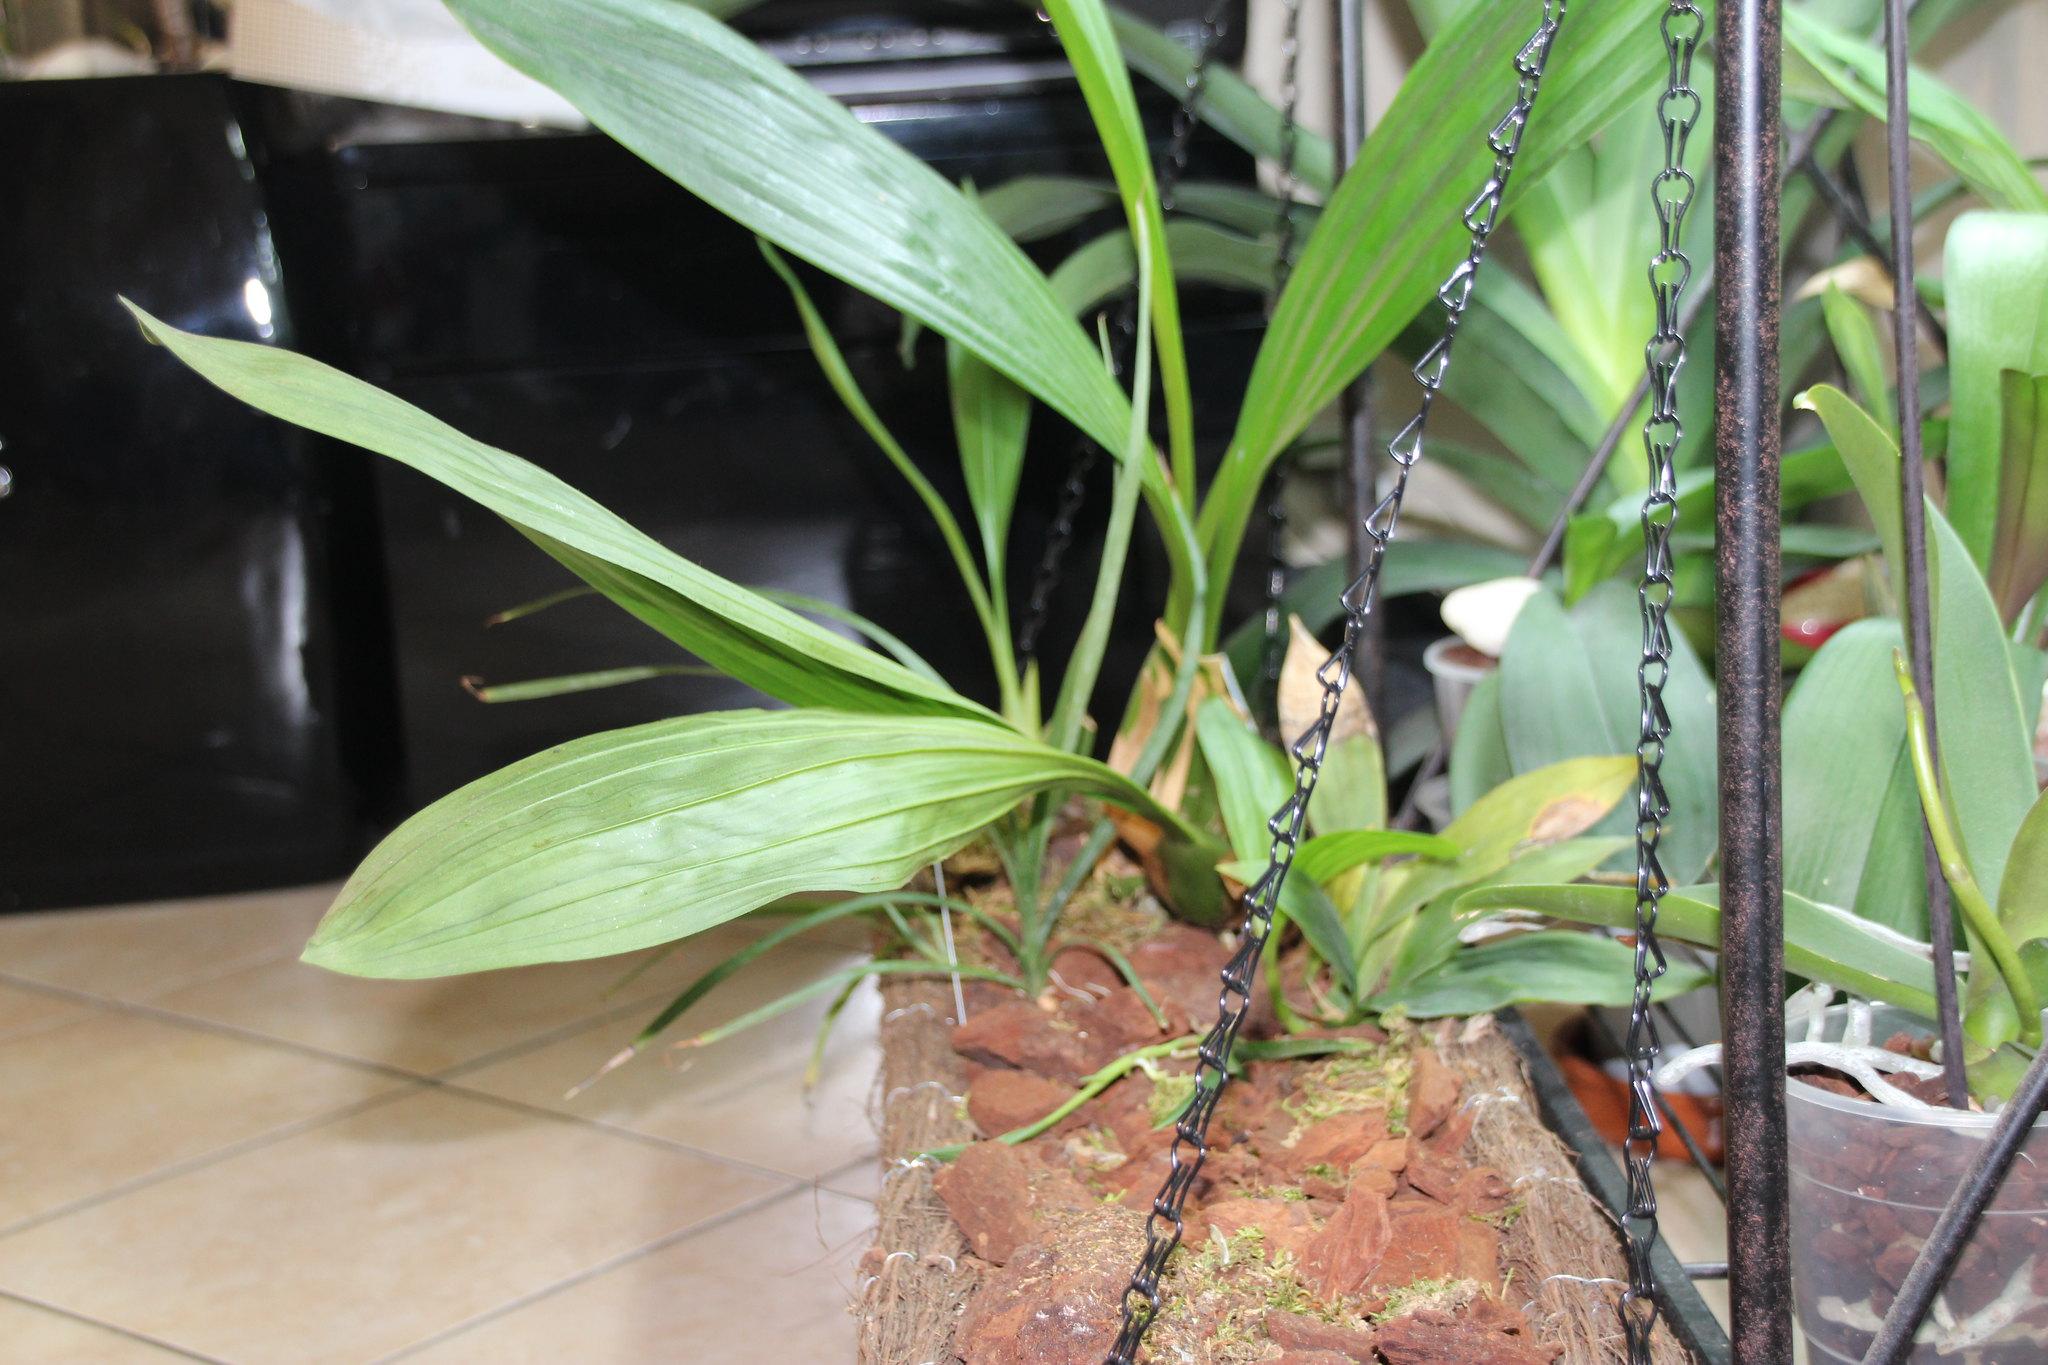 Bac à orchidées d'un mètre de long 22871390886_a4e237add0_k